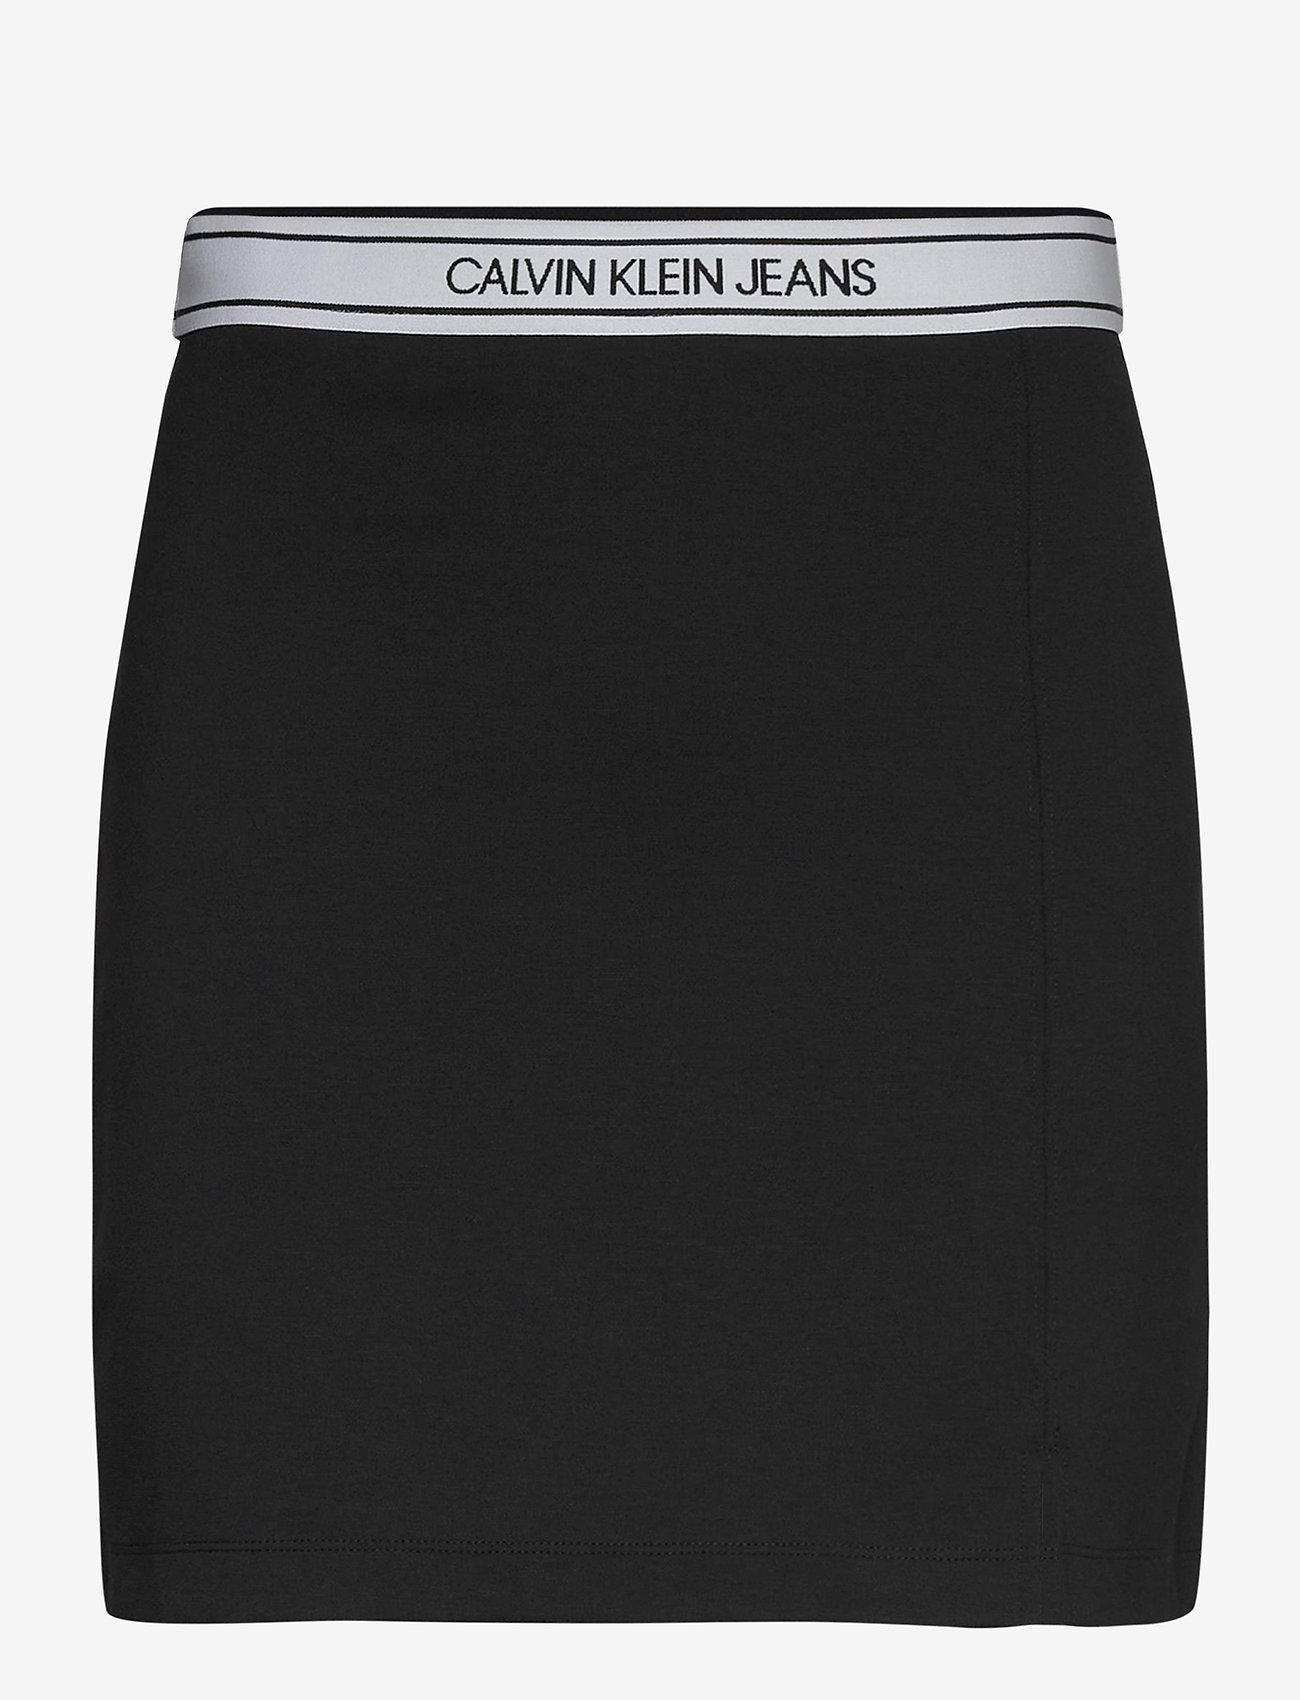 Calvin Klein Jeans - LOGO ELASTIC MILANO MINI SKIRT - kort skjørt - ck black - 0